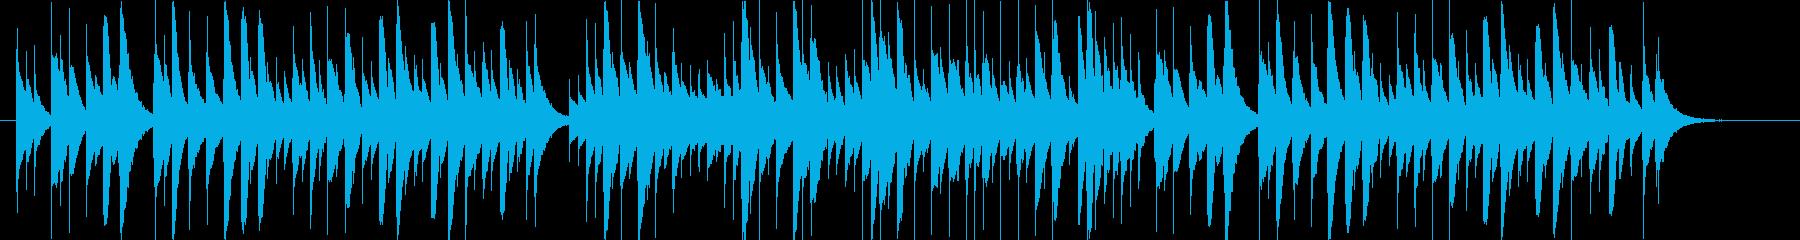 夜空をイメージしたオルゴールの曲の再生済みの波形